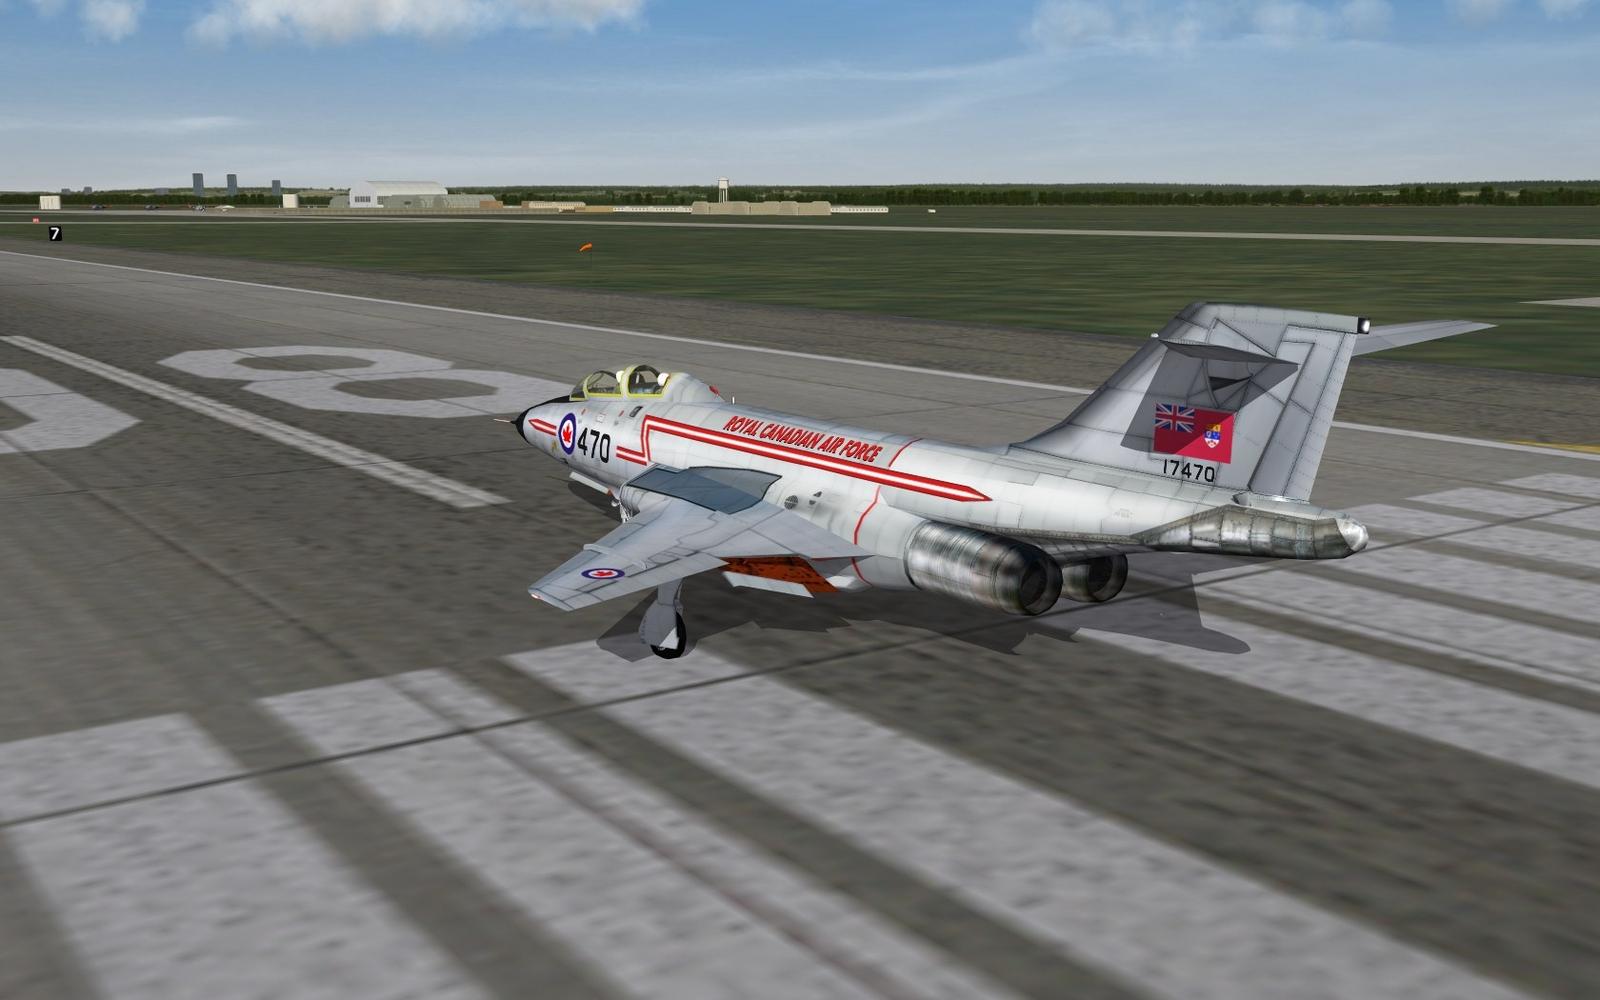 CF-101 - Generic RCAF skin - ca. 1962